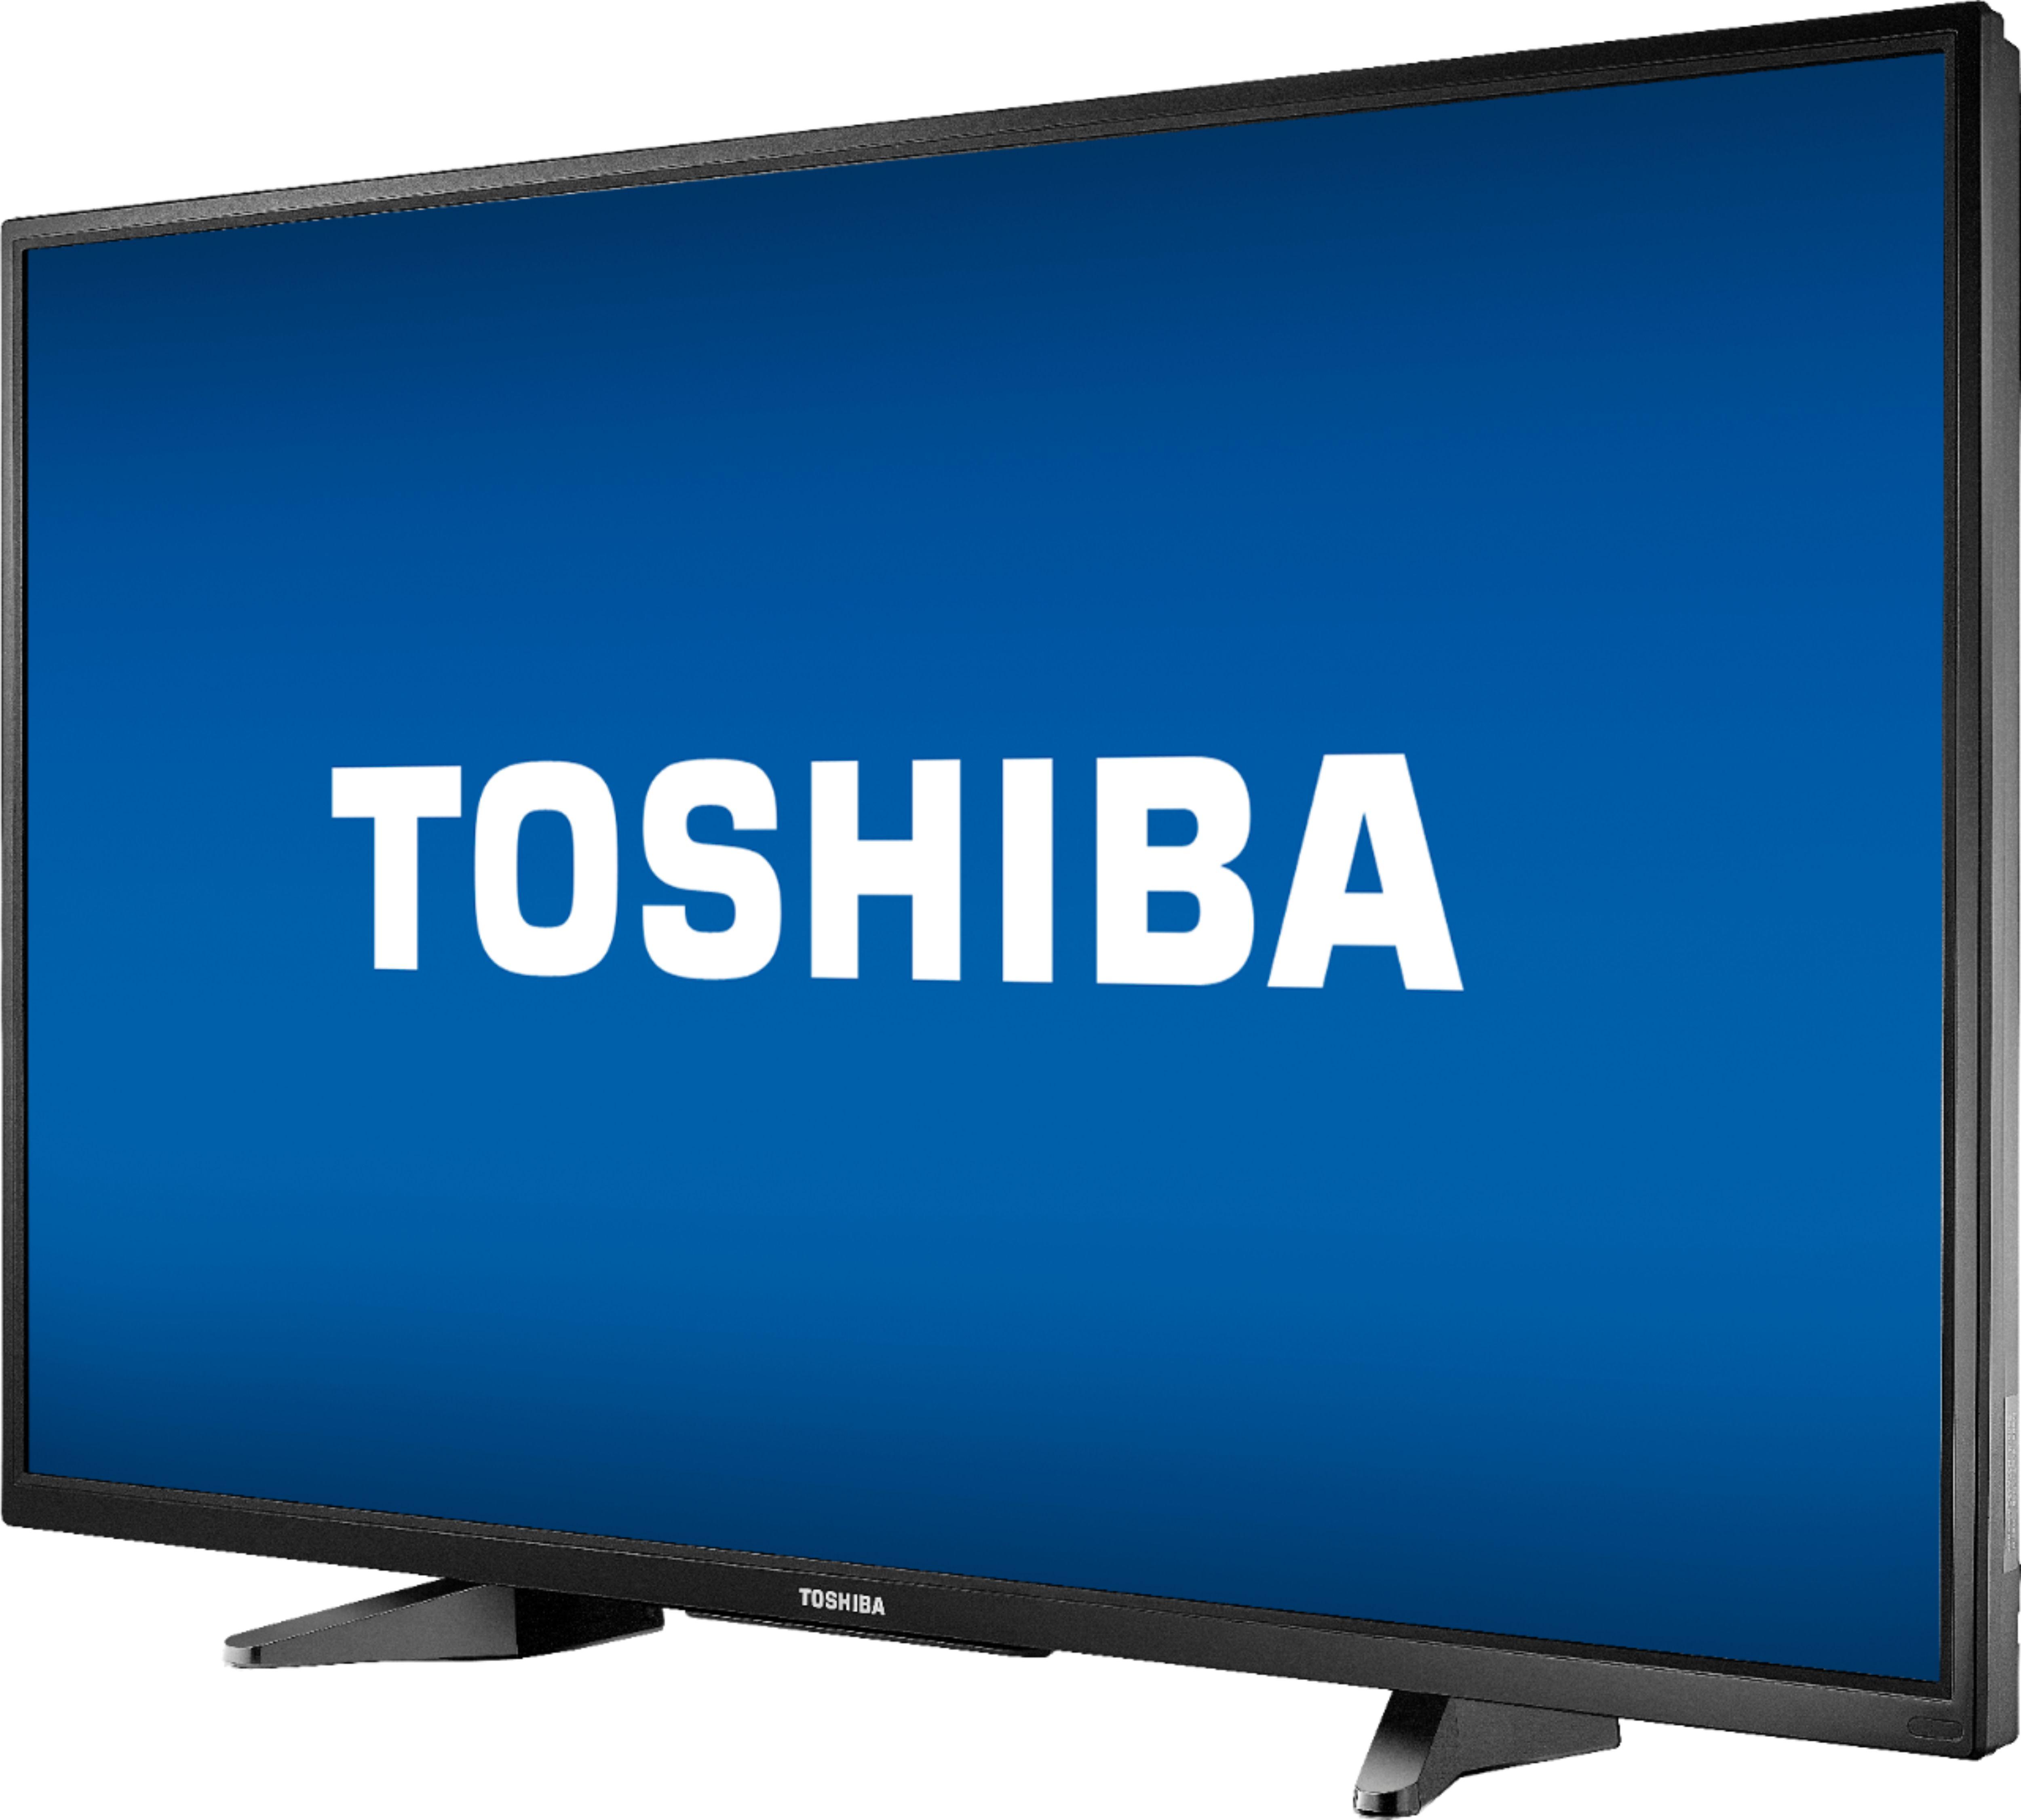 Toshiba TF-50A810U19 leftViewImage